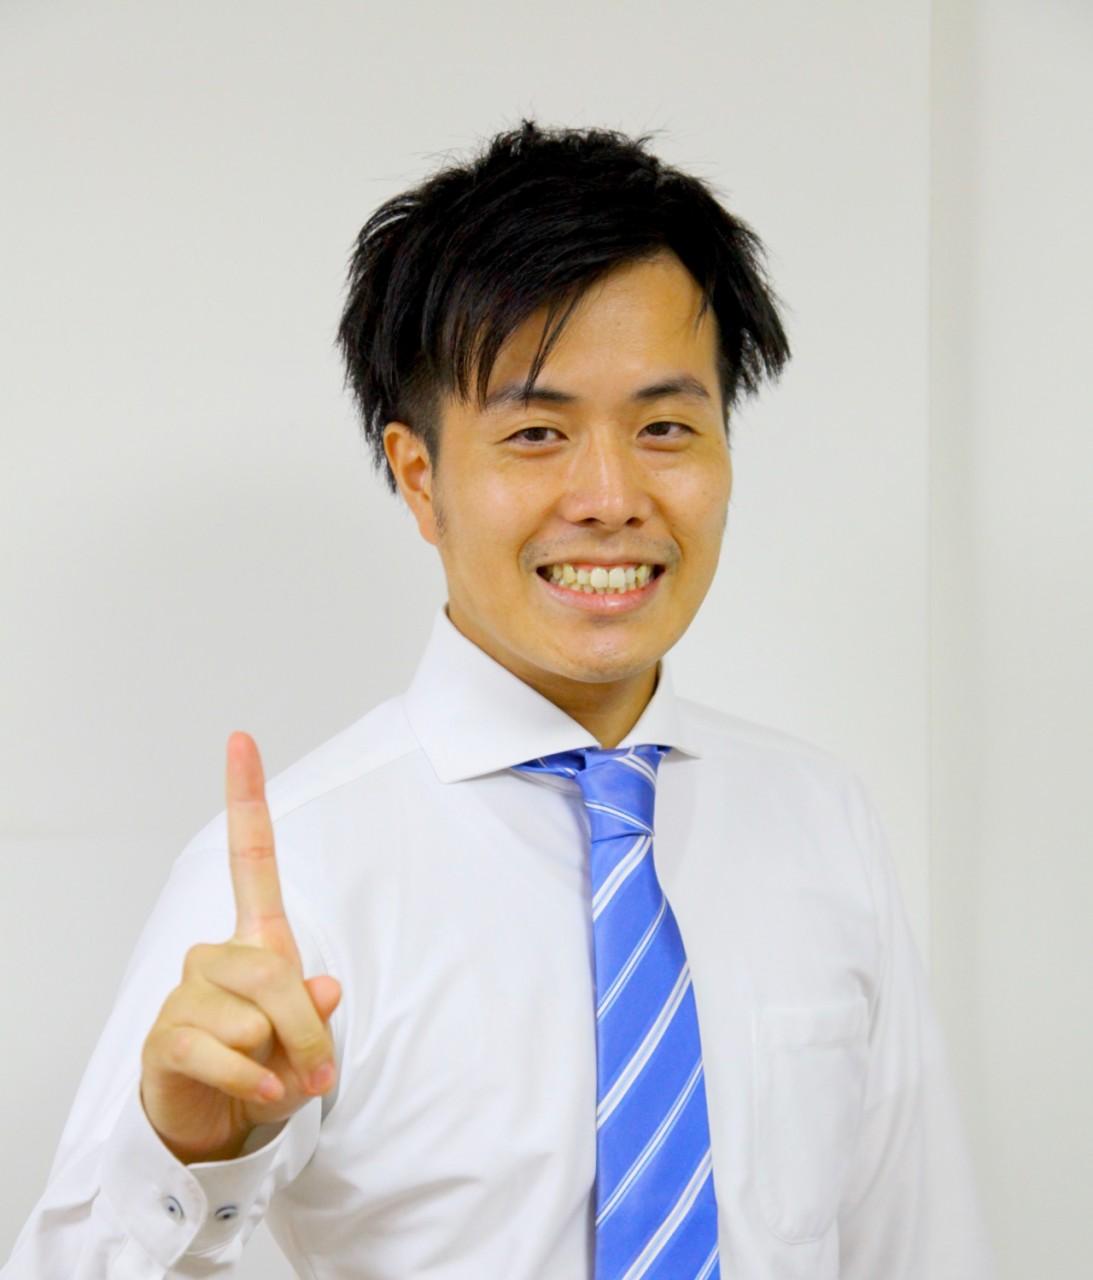 西牟田写真2019 (7)加工